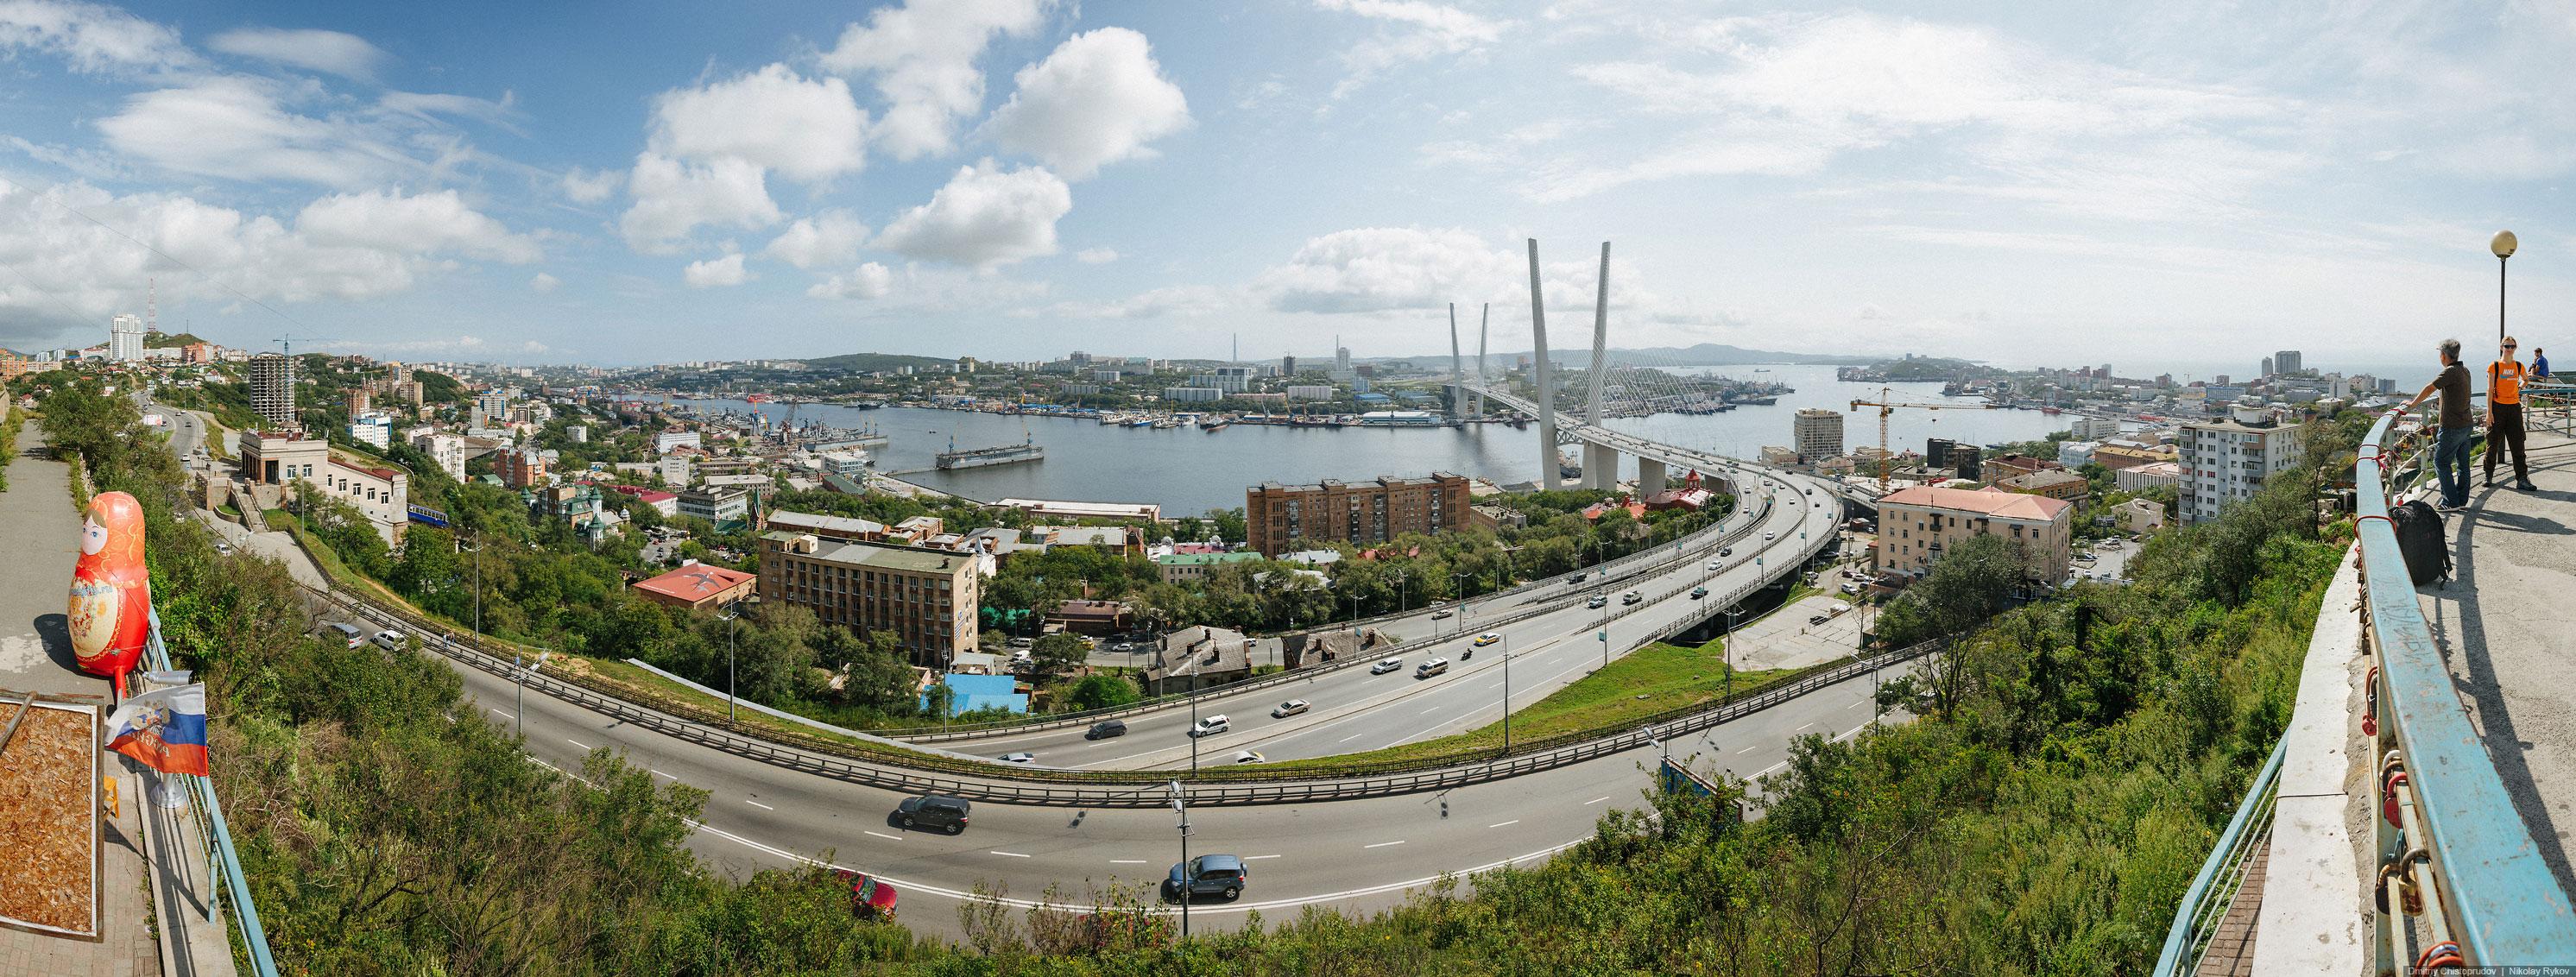 фото панорама улиц владивосток помощники должны